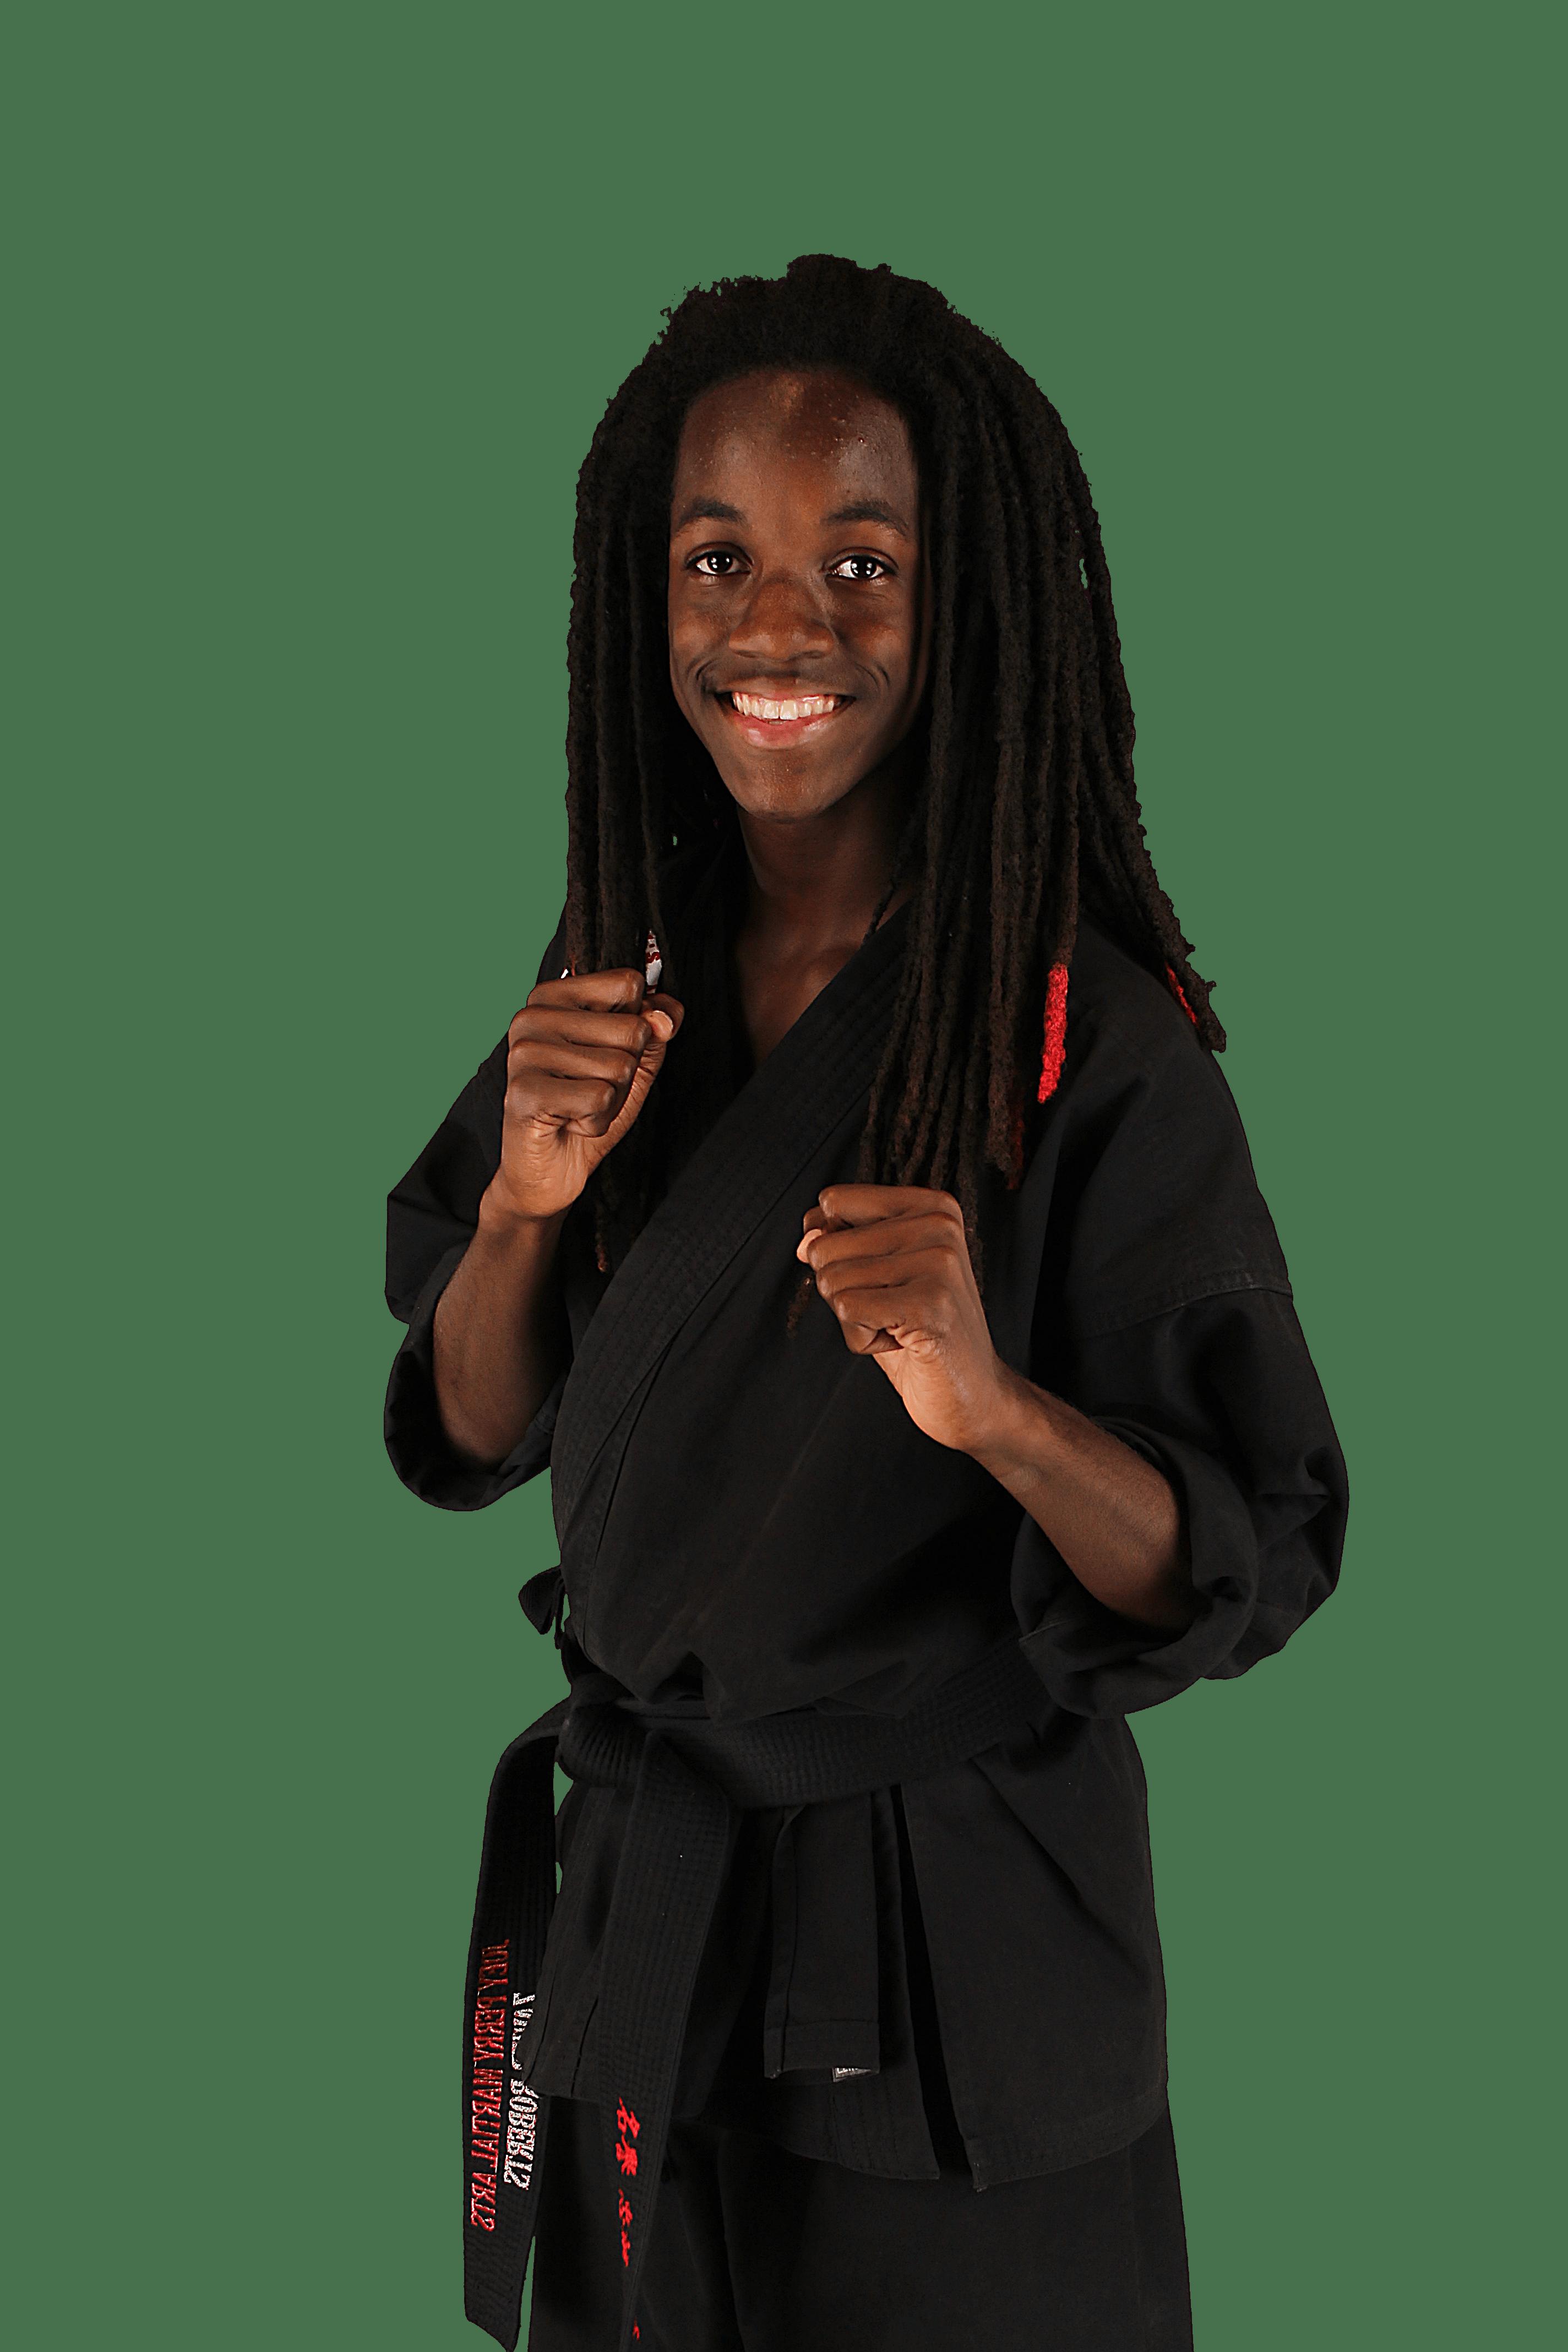 Zavier Roberts in Jonesboro - Joey Perry Martial Arts Academy